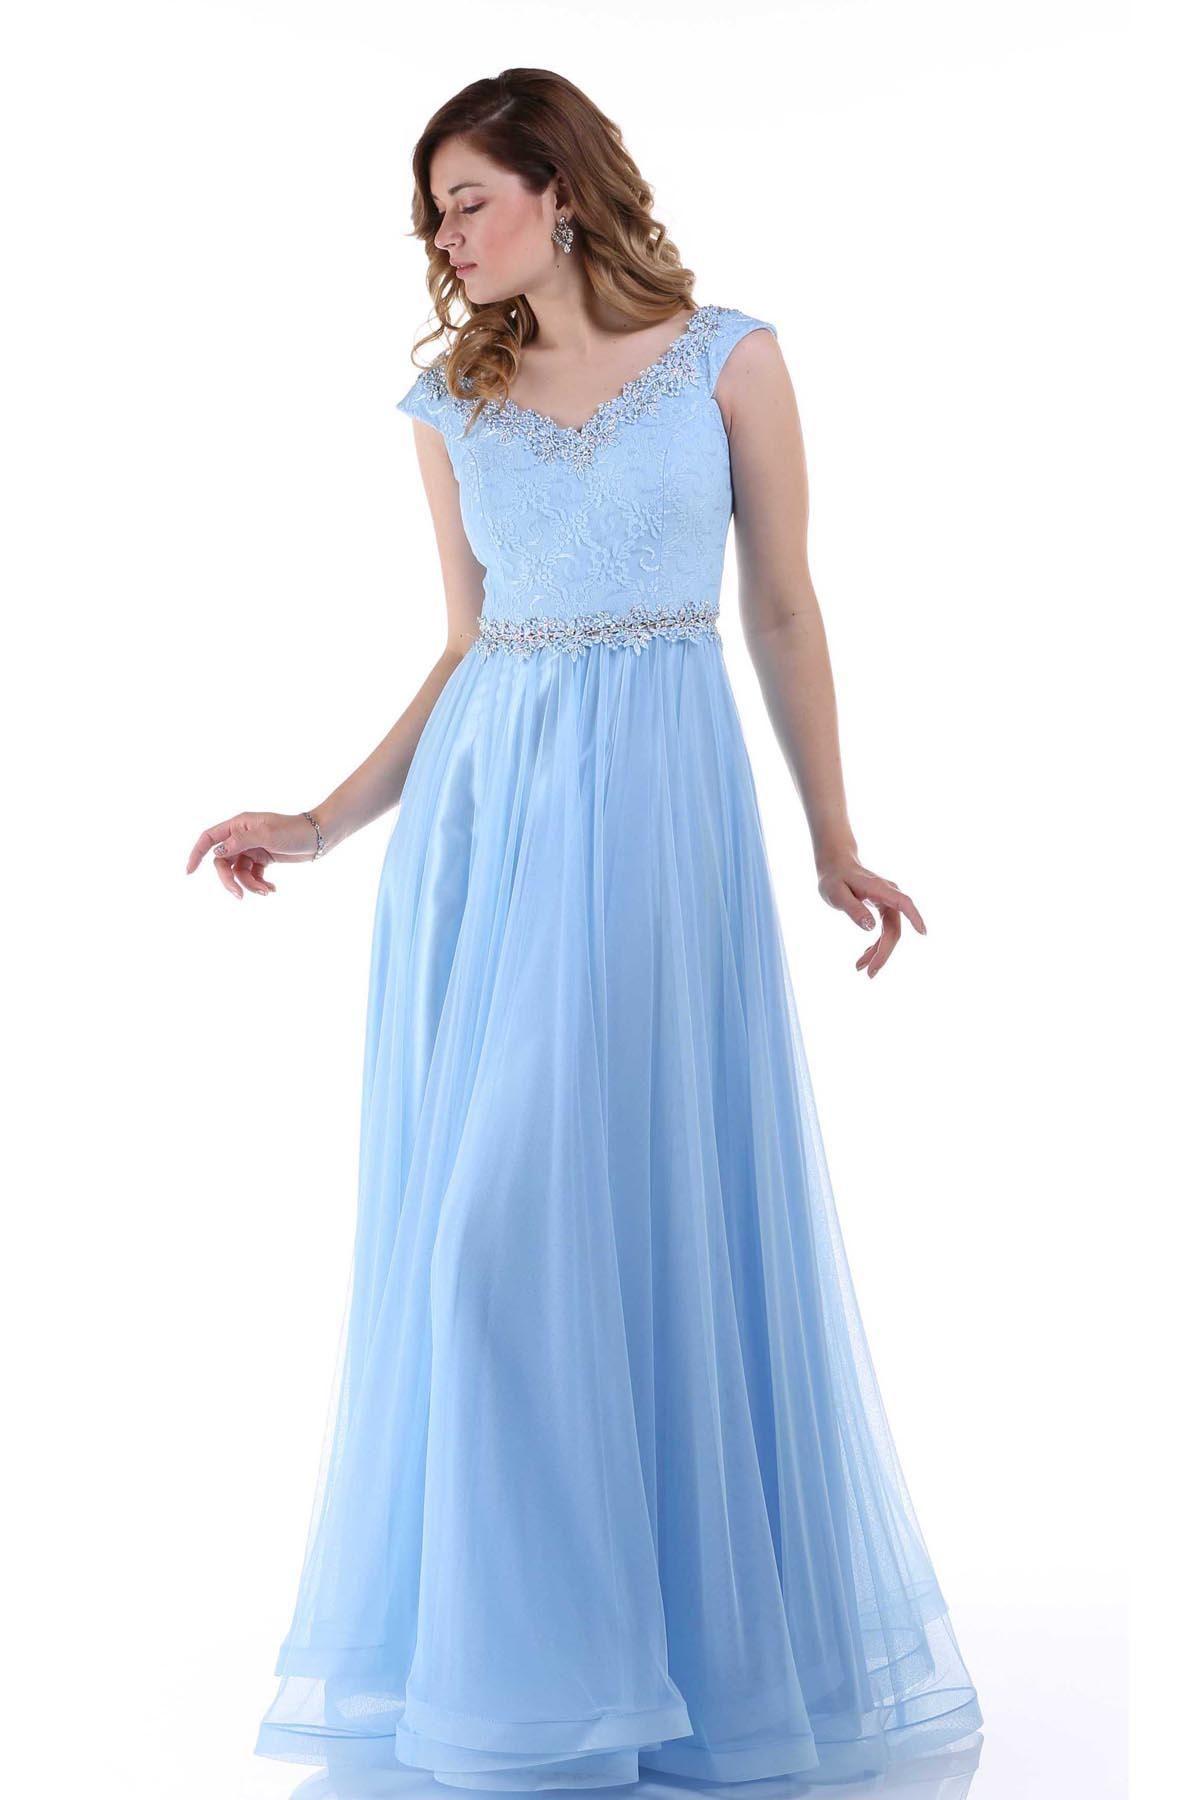 e276f91554c Düğün İçin Taşlı Abiye Elbise Modelleri - Kadın Modası ve Trend Modeller